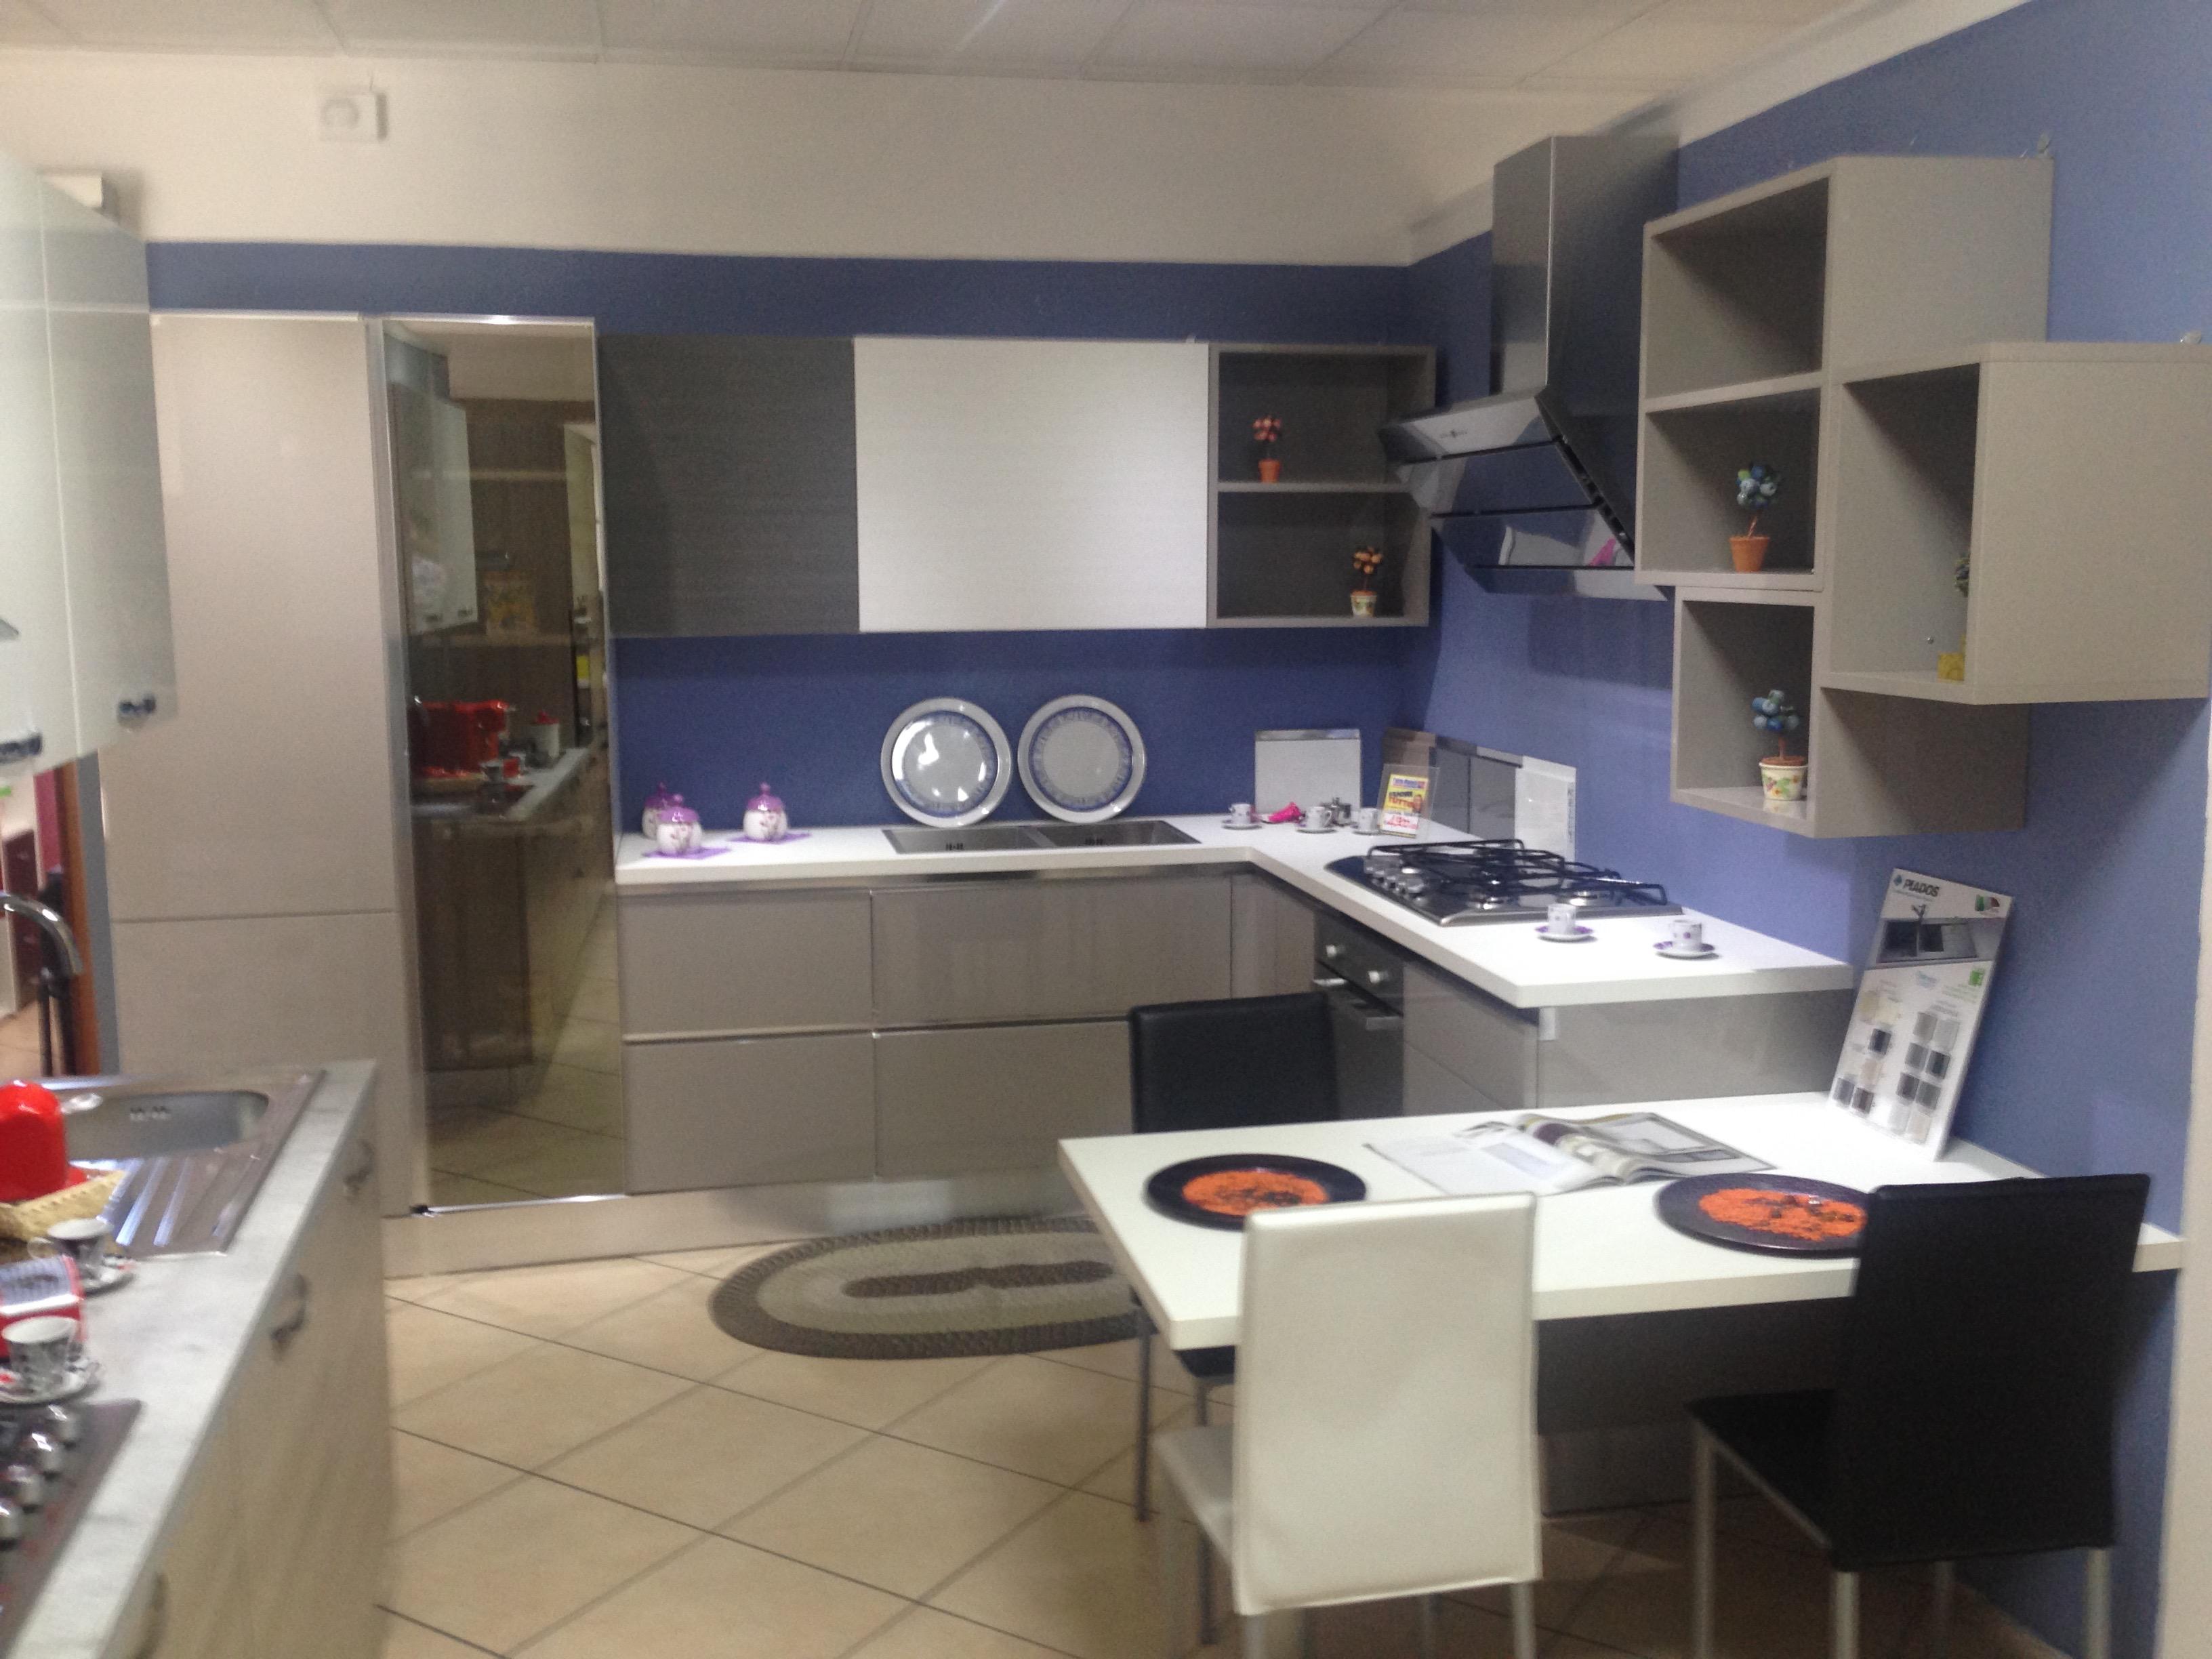 Cucina venezia tutto mobili arredamento camere cucine ufficio roma - Cucina gloria mercatone uno ...